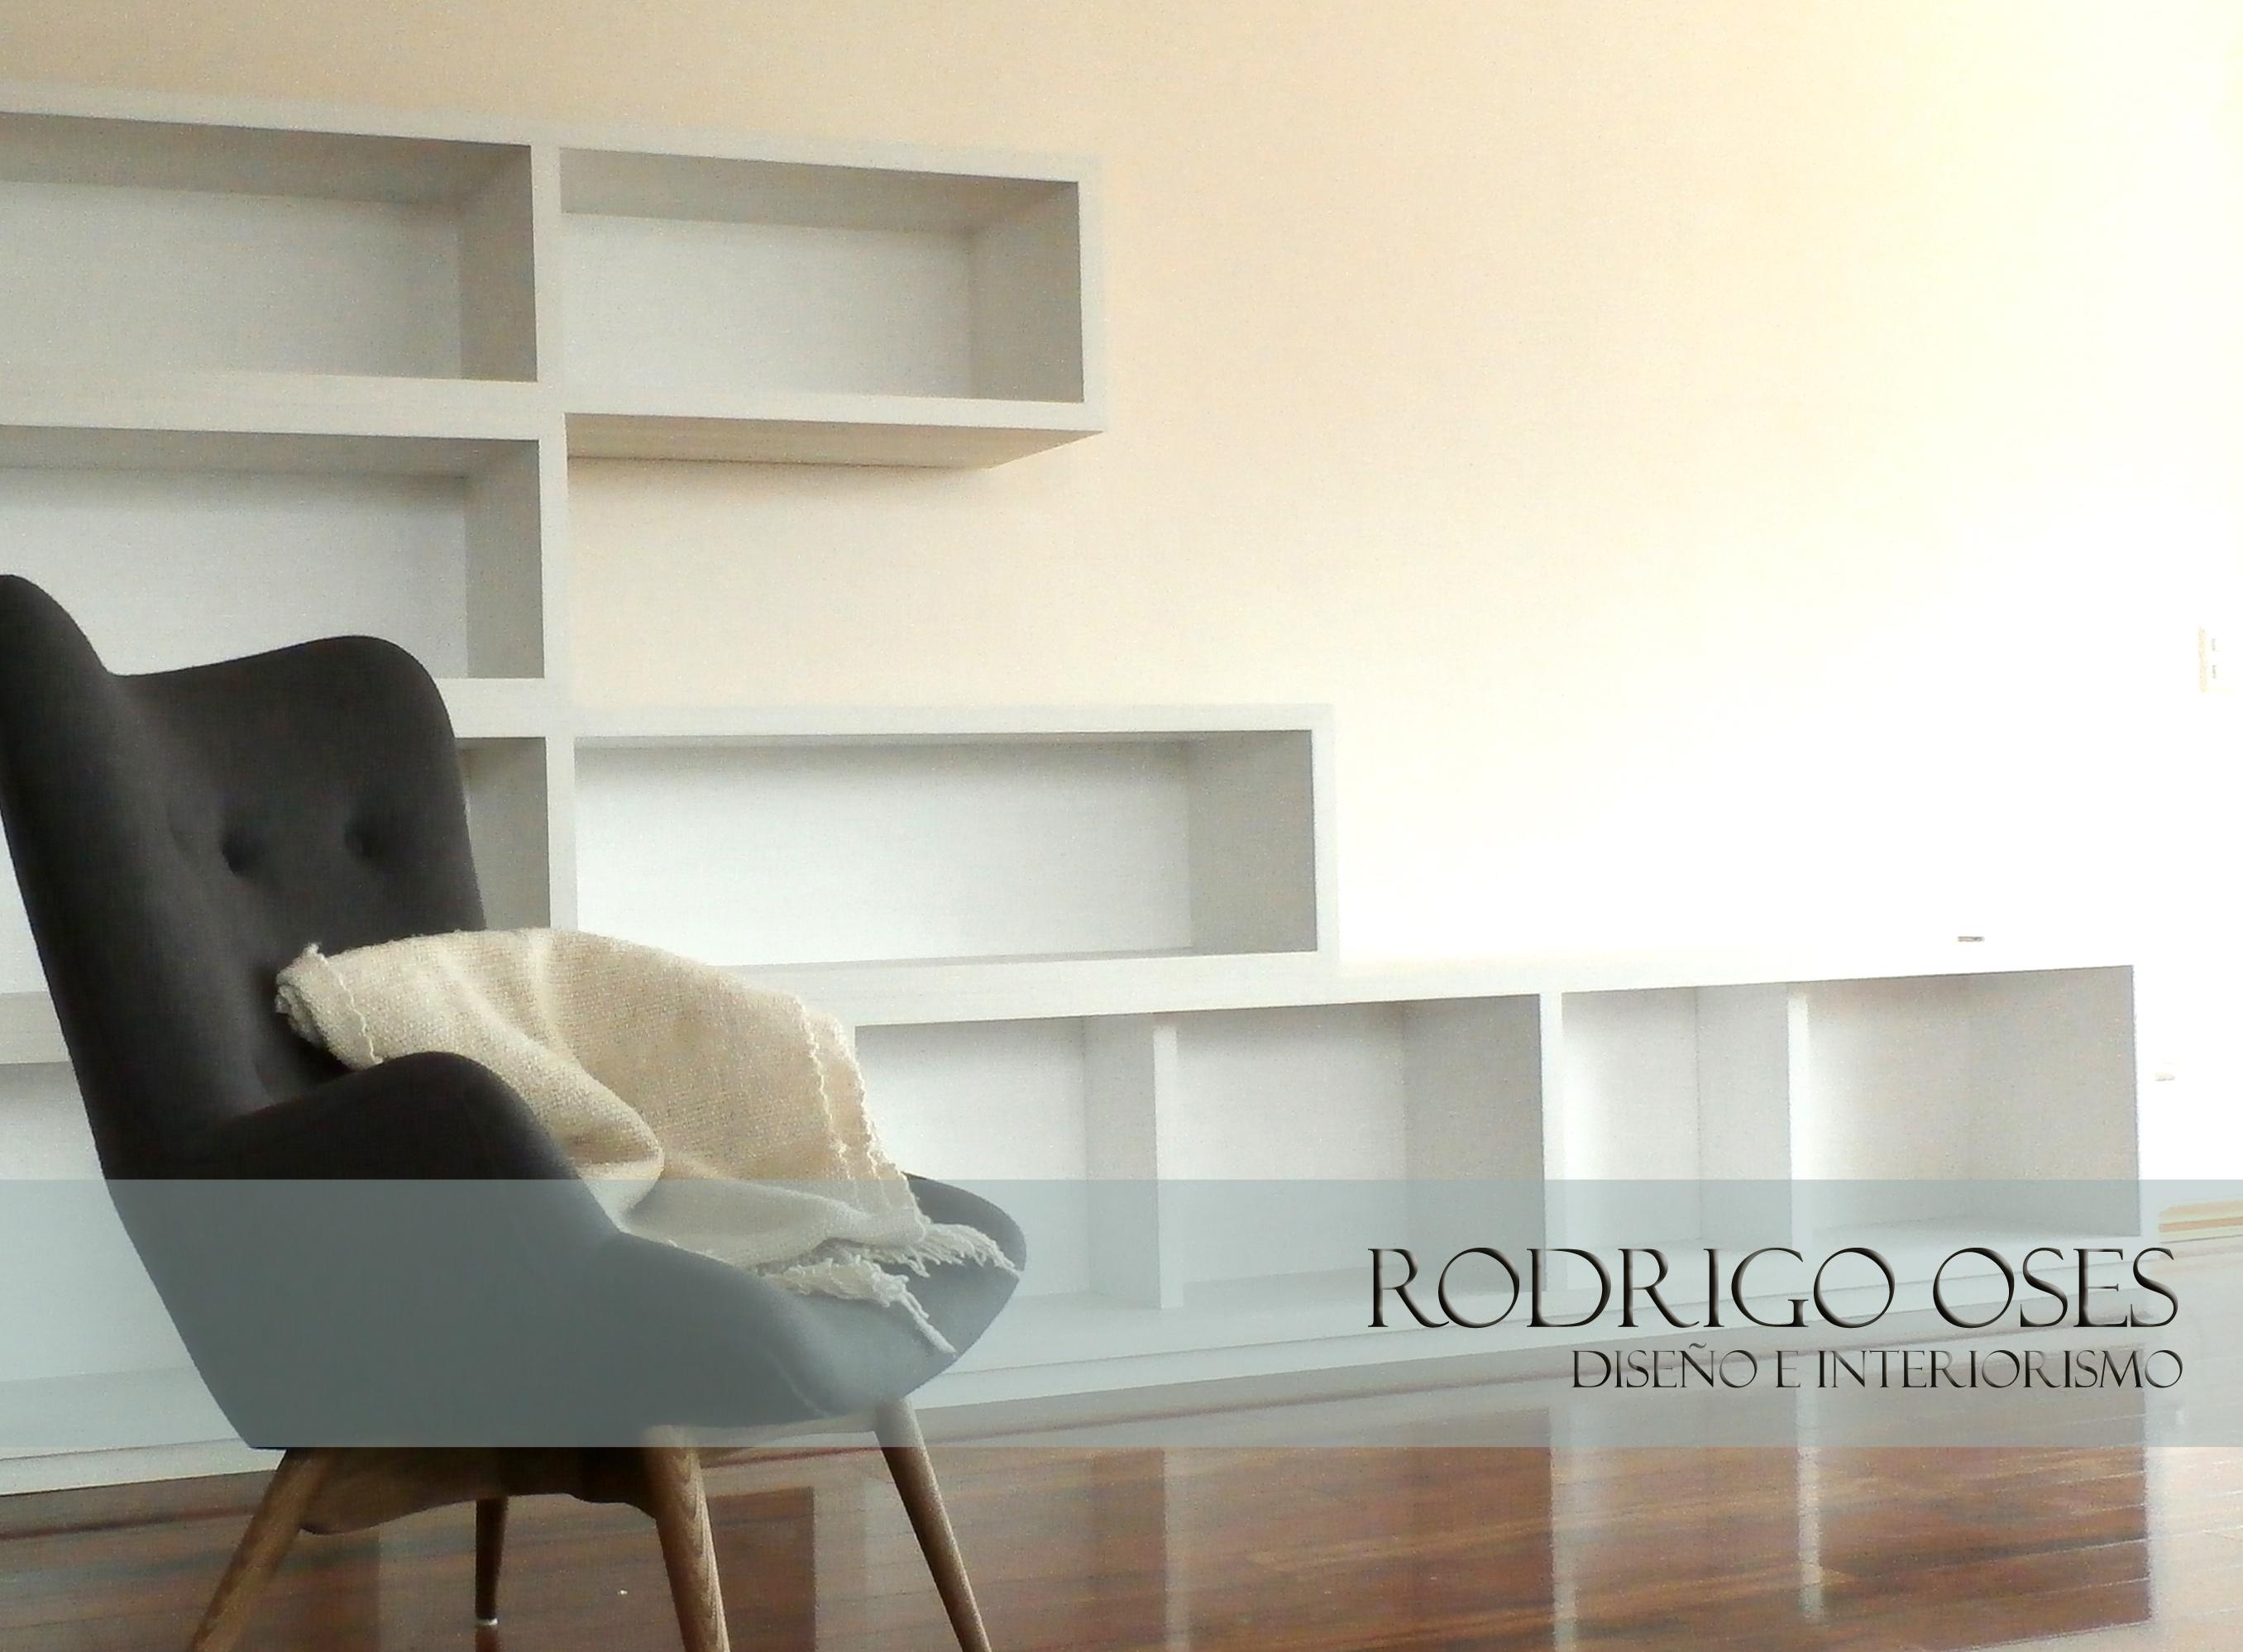 Rodrigo Oses